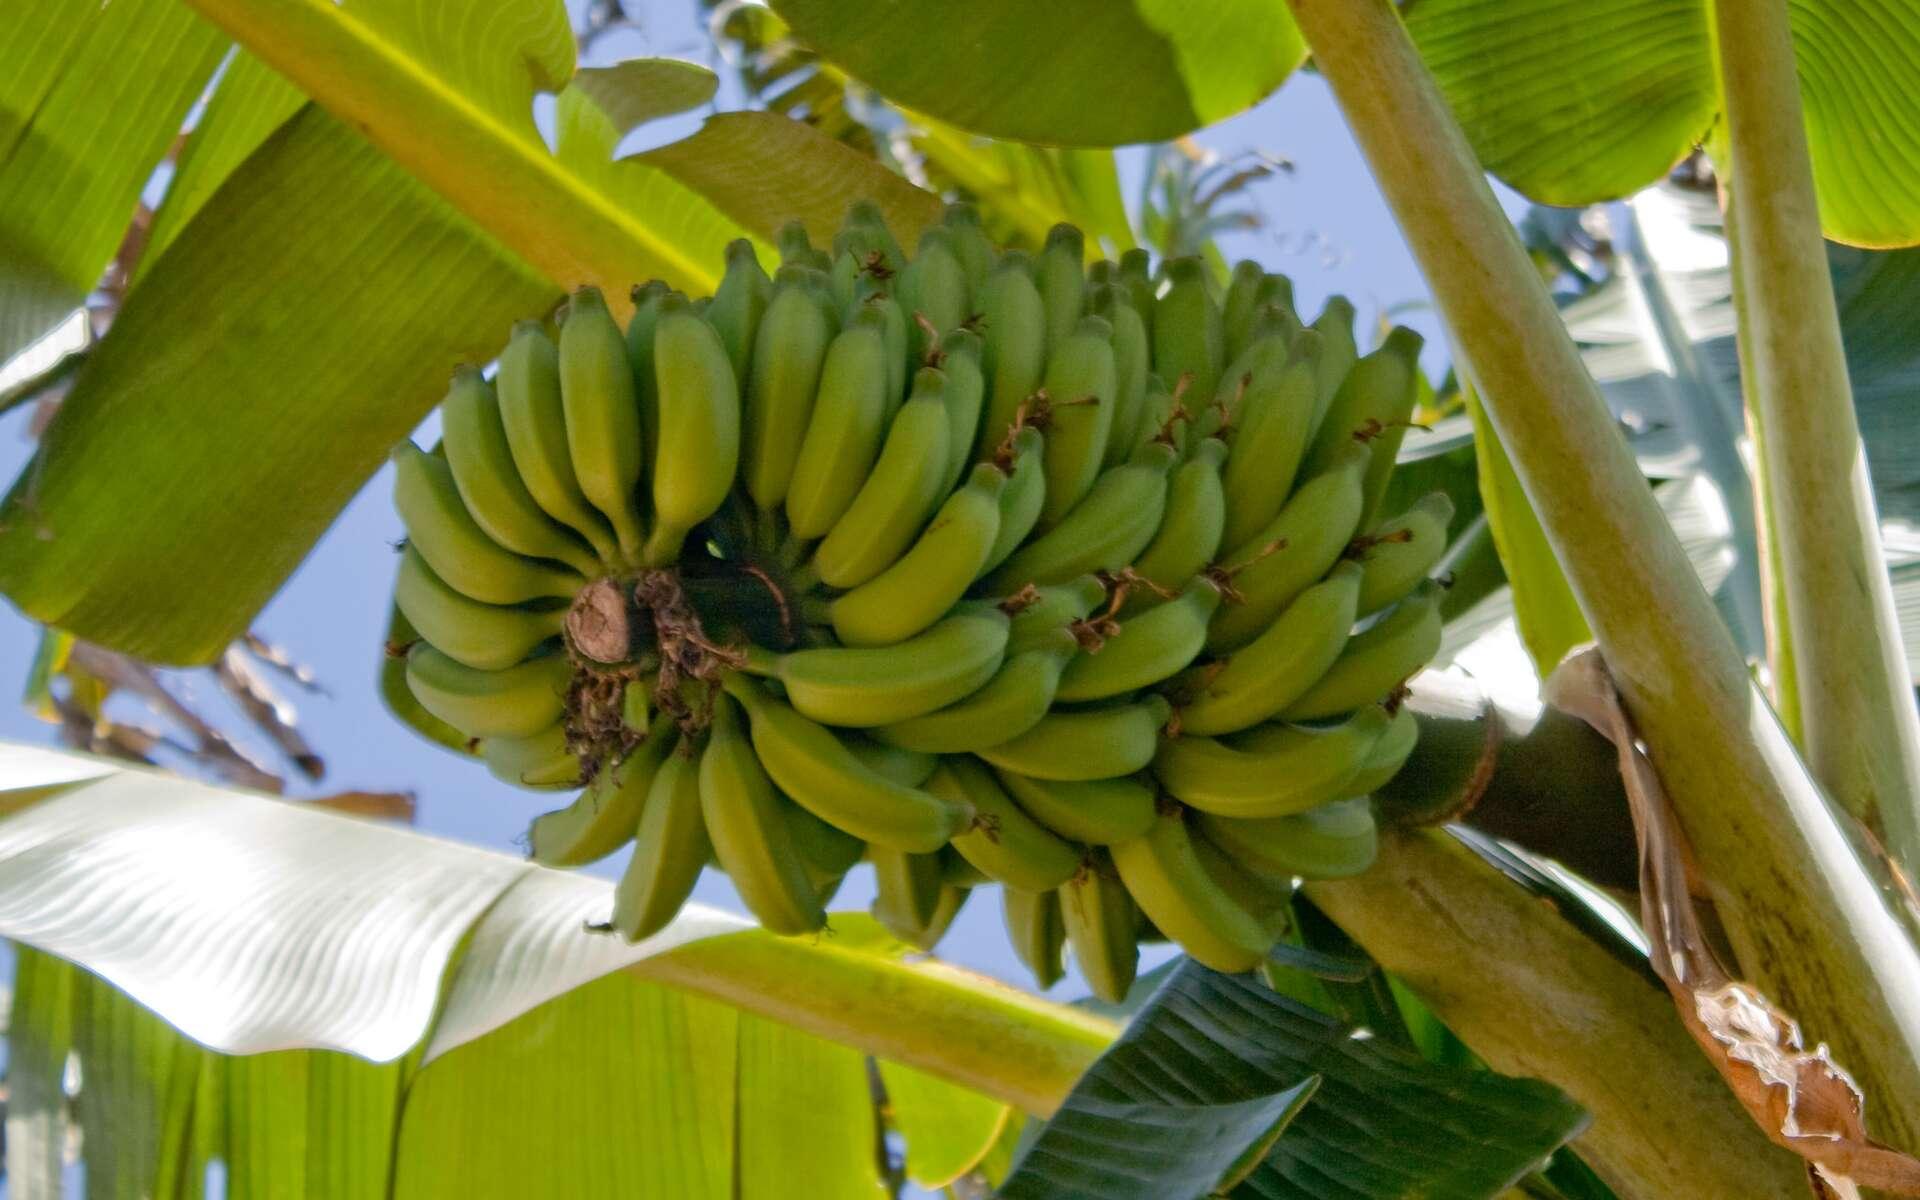 La banane, le thé ou le houblon ont tous un génome modifié par une bactérie. © Christopher Rose, Flickr